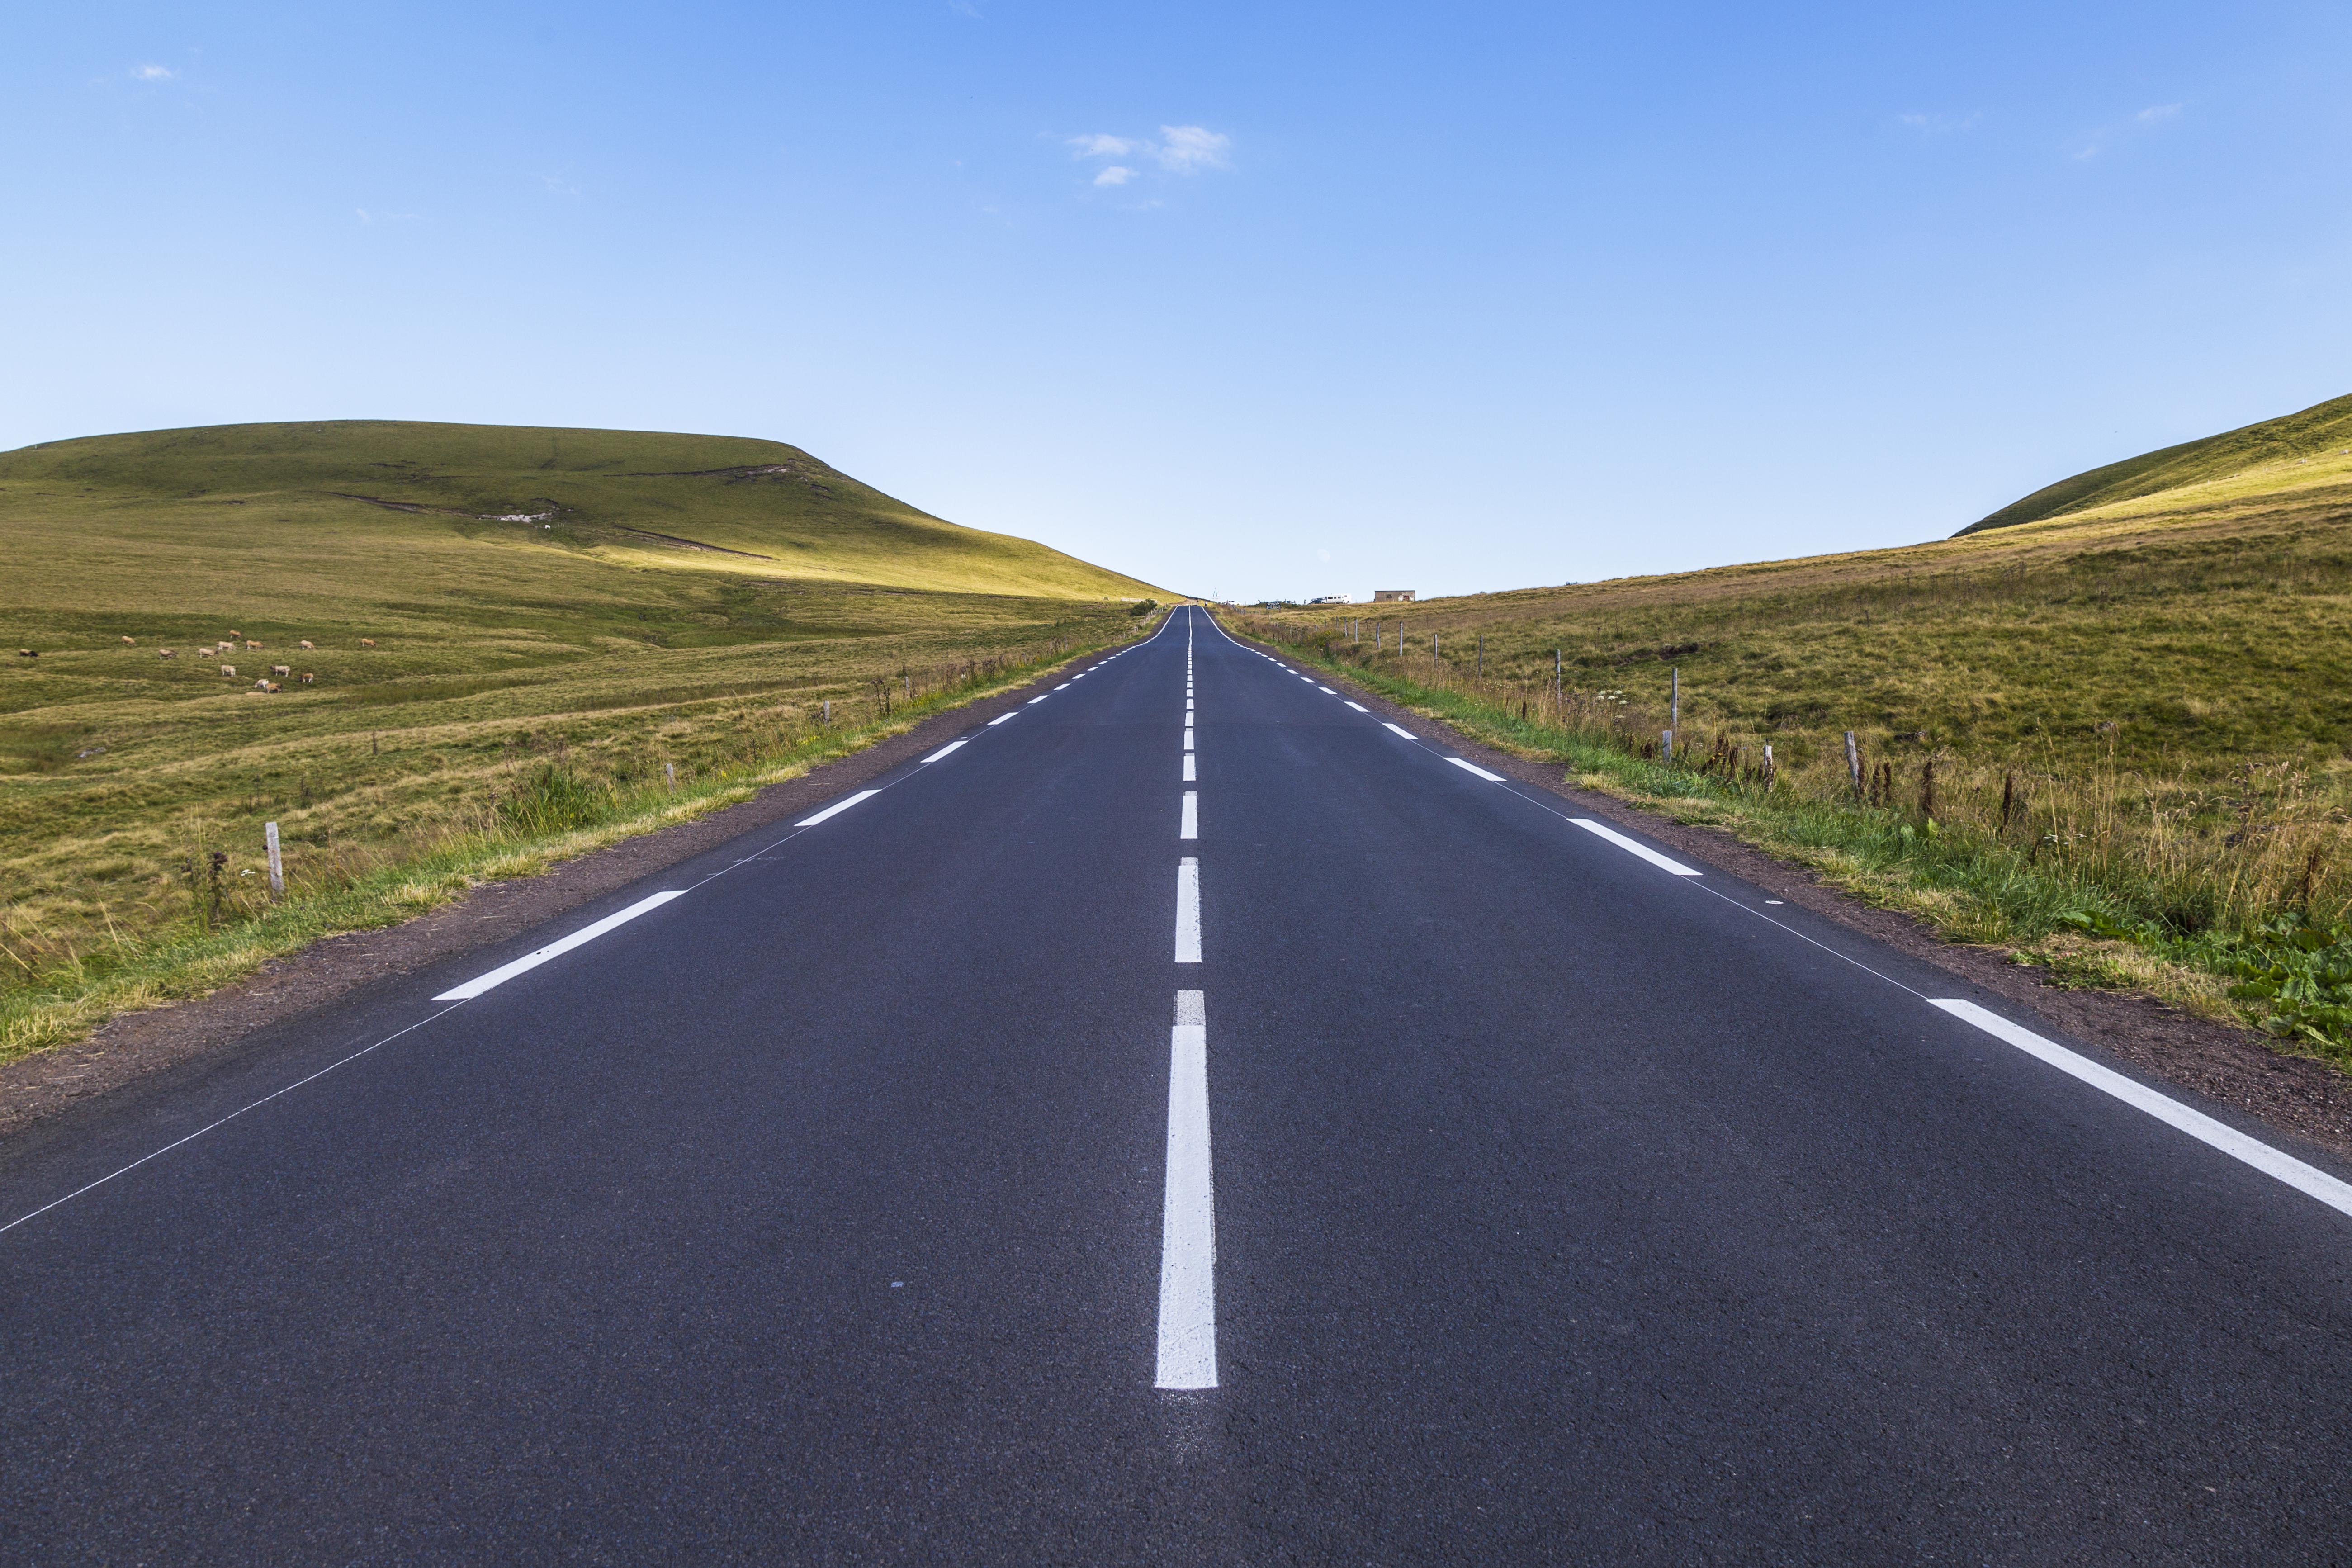 #28 Straight road